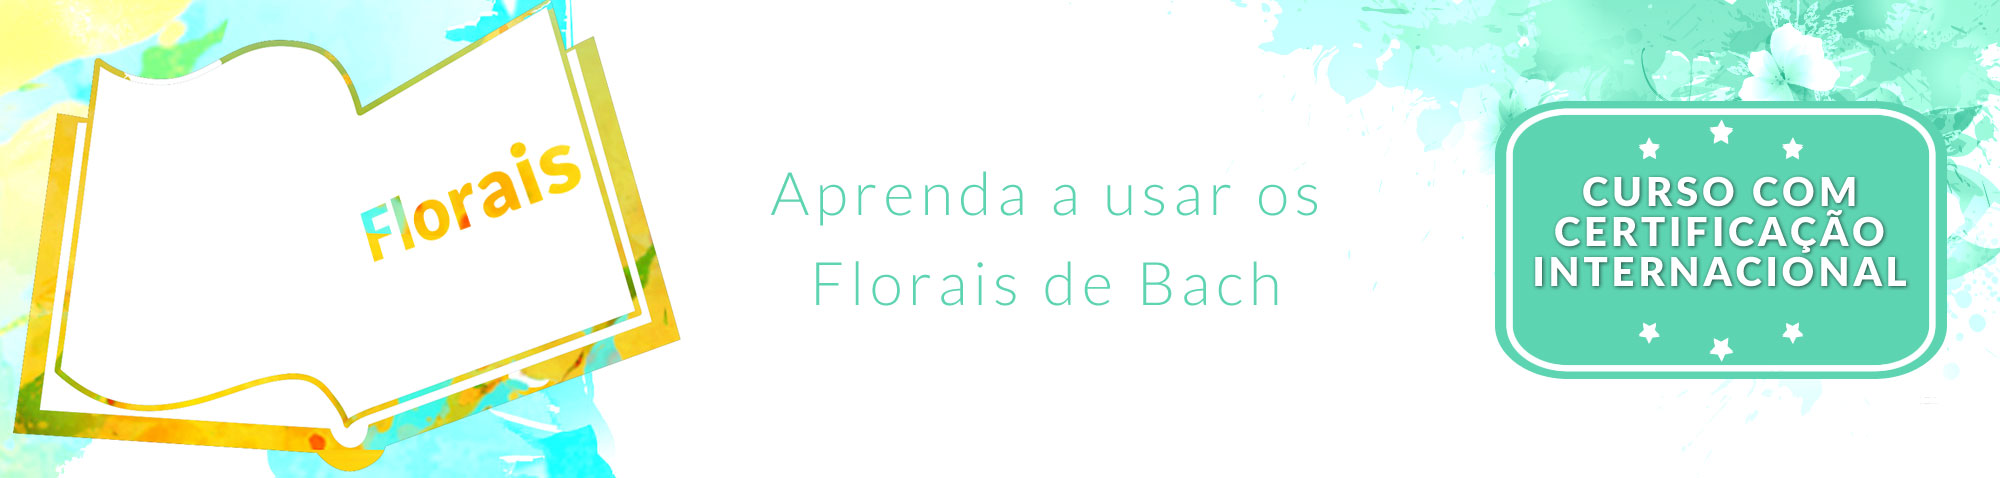 Curso de Florais de Bach com certificado internacional